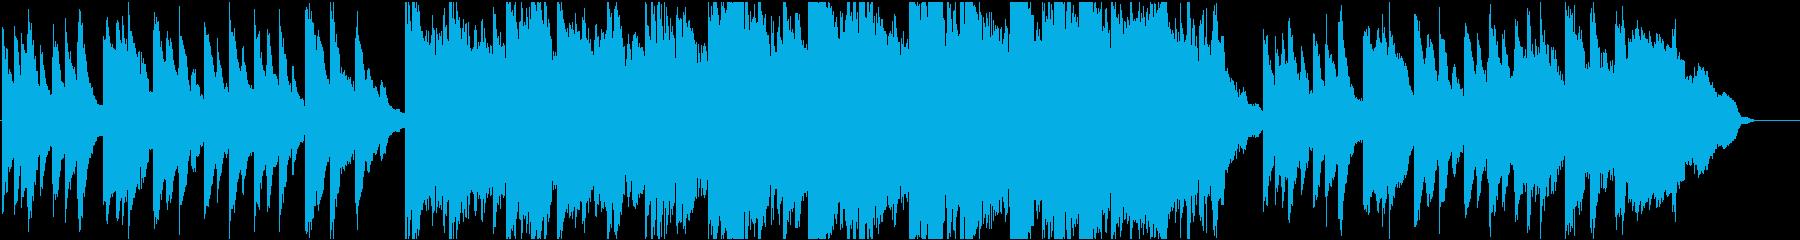 ドラマ4 16bit44.1kHzVerの再生済みの波形